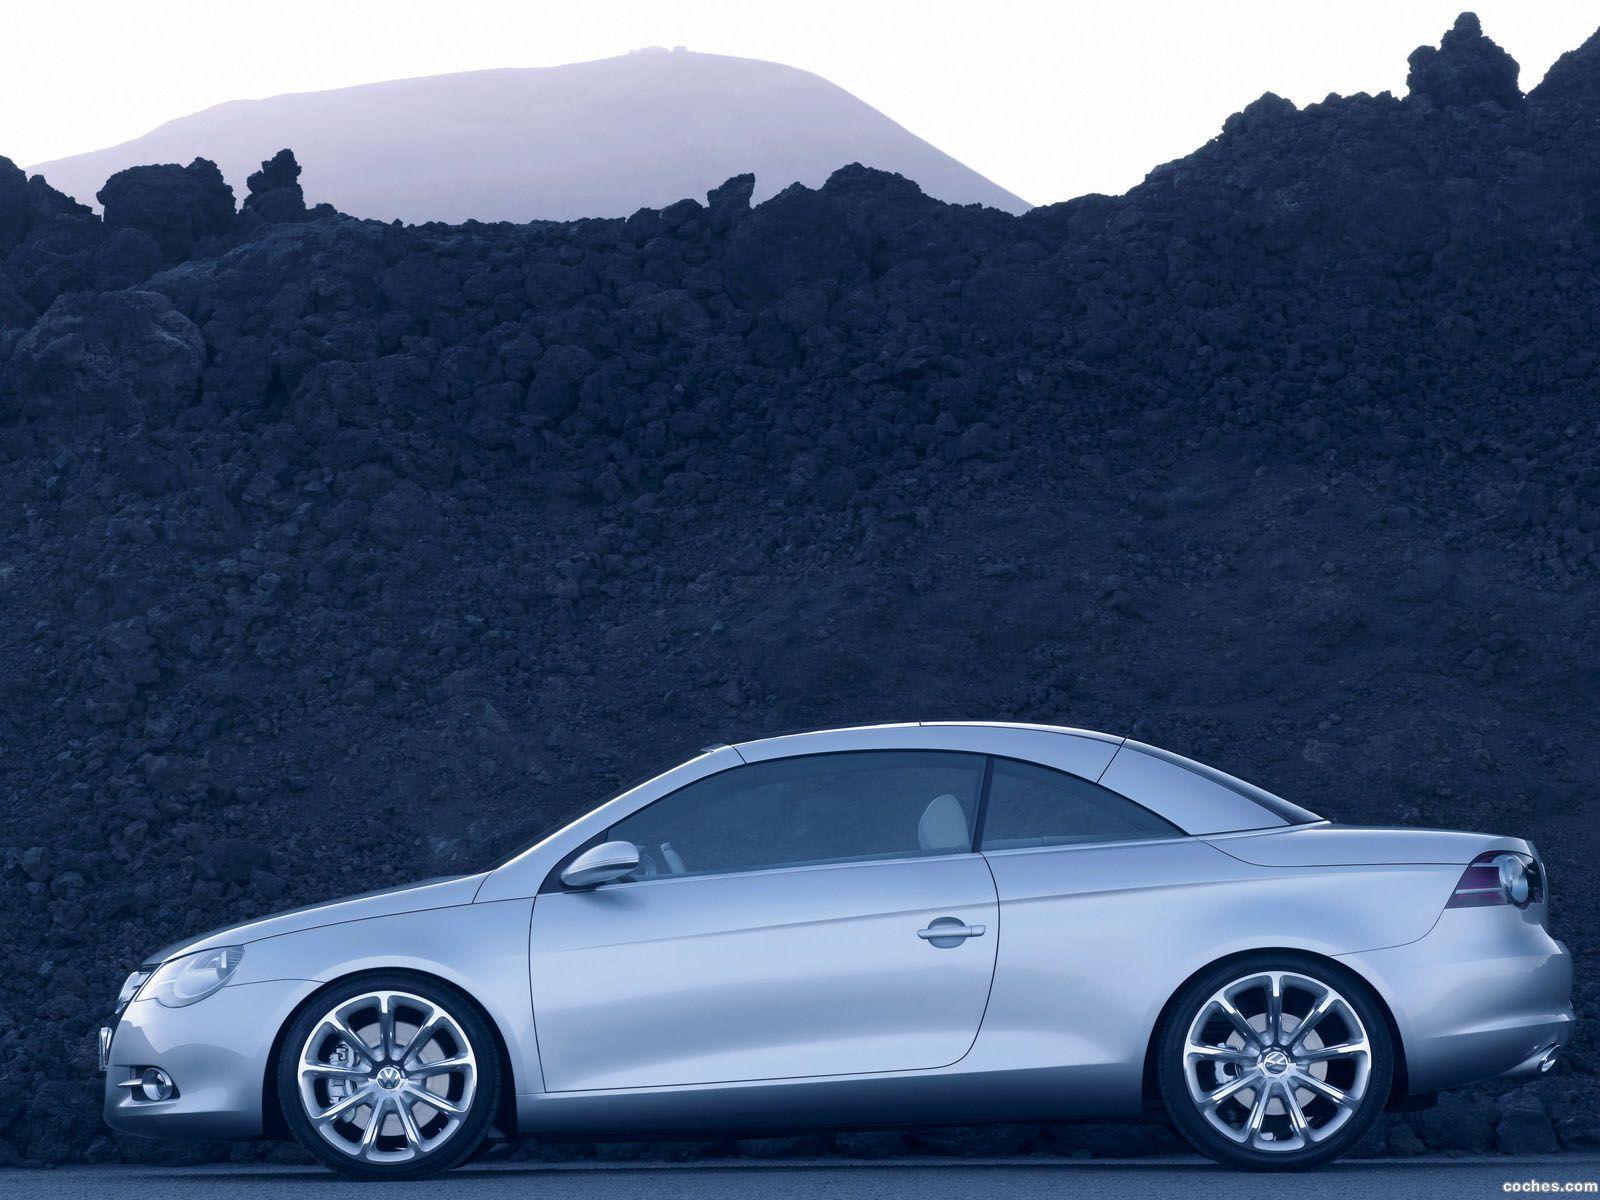 Foto 10 de Volkswagen Concept C 2004